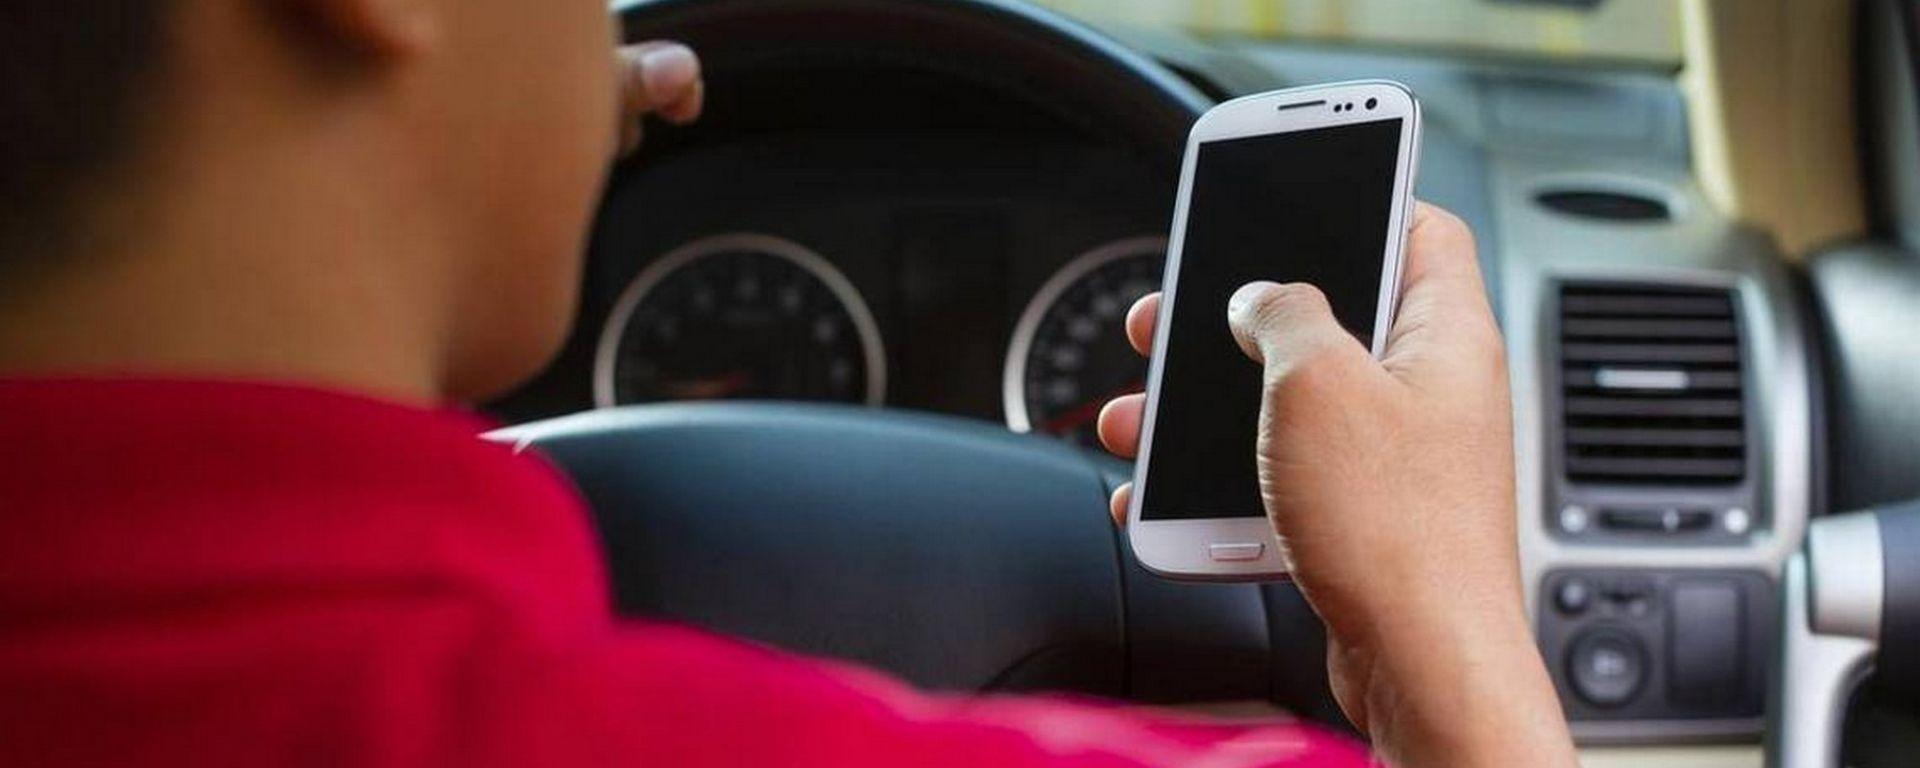 Cellulare alla guida, in Francia linea dura